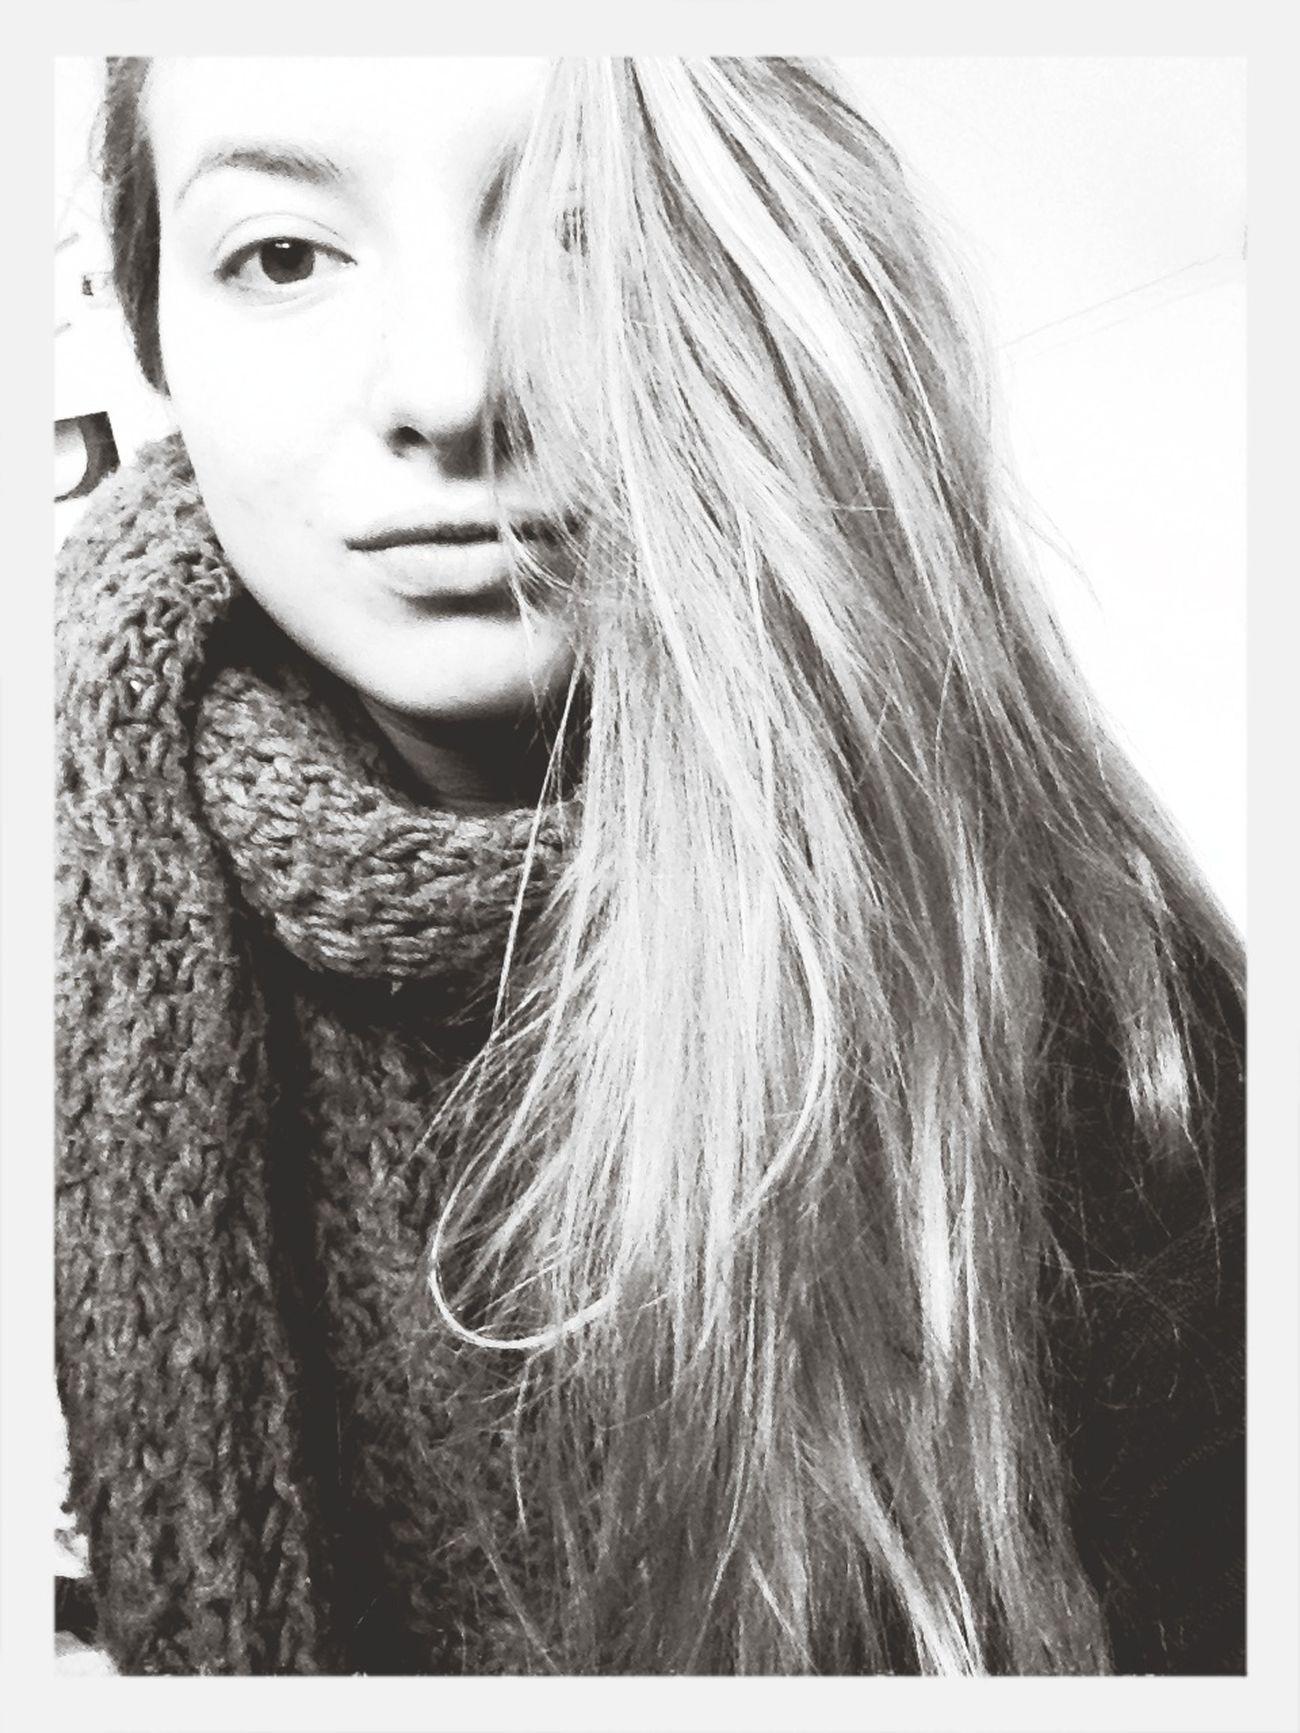 Cold Days just BeGun